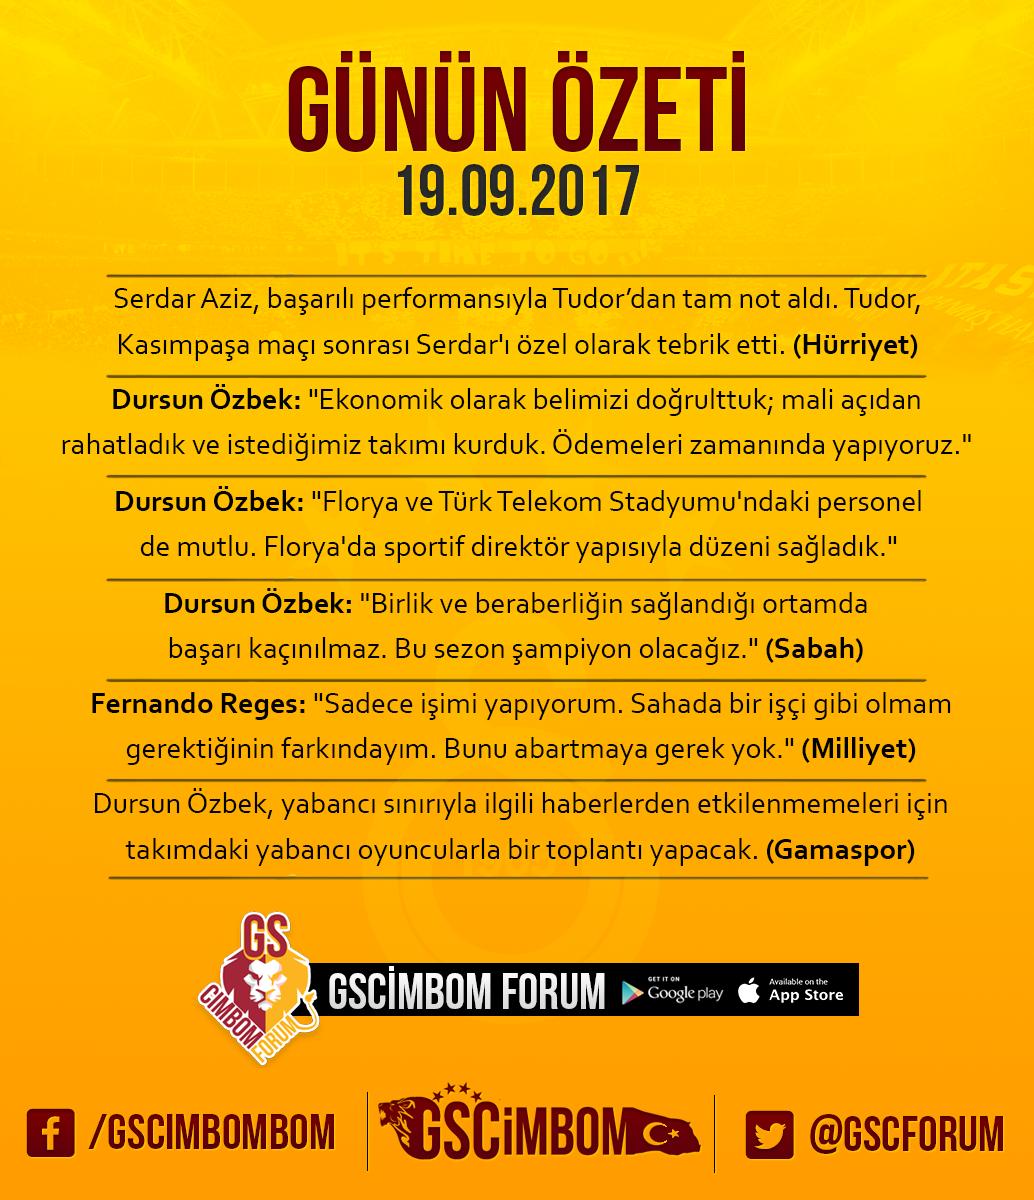 a1jzg7.png